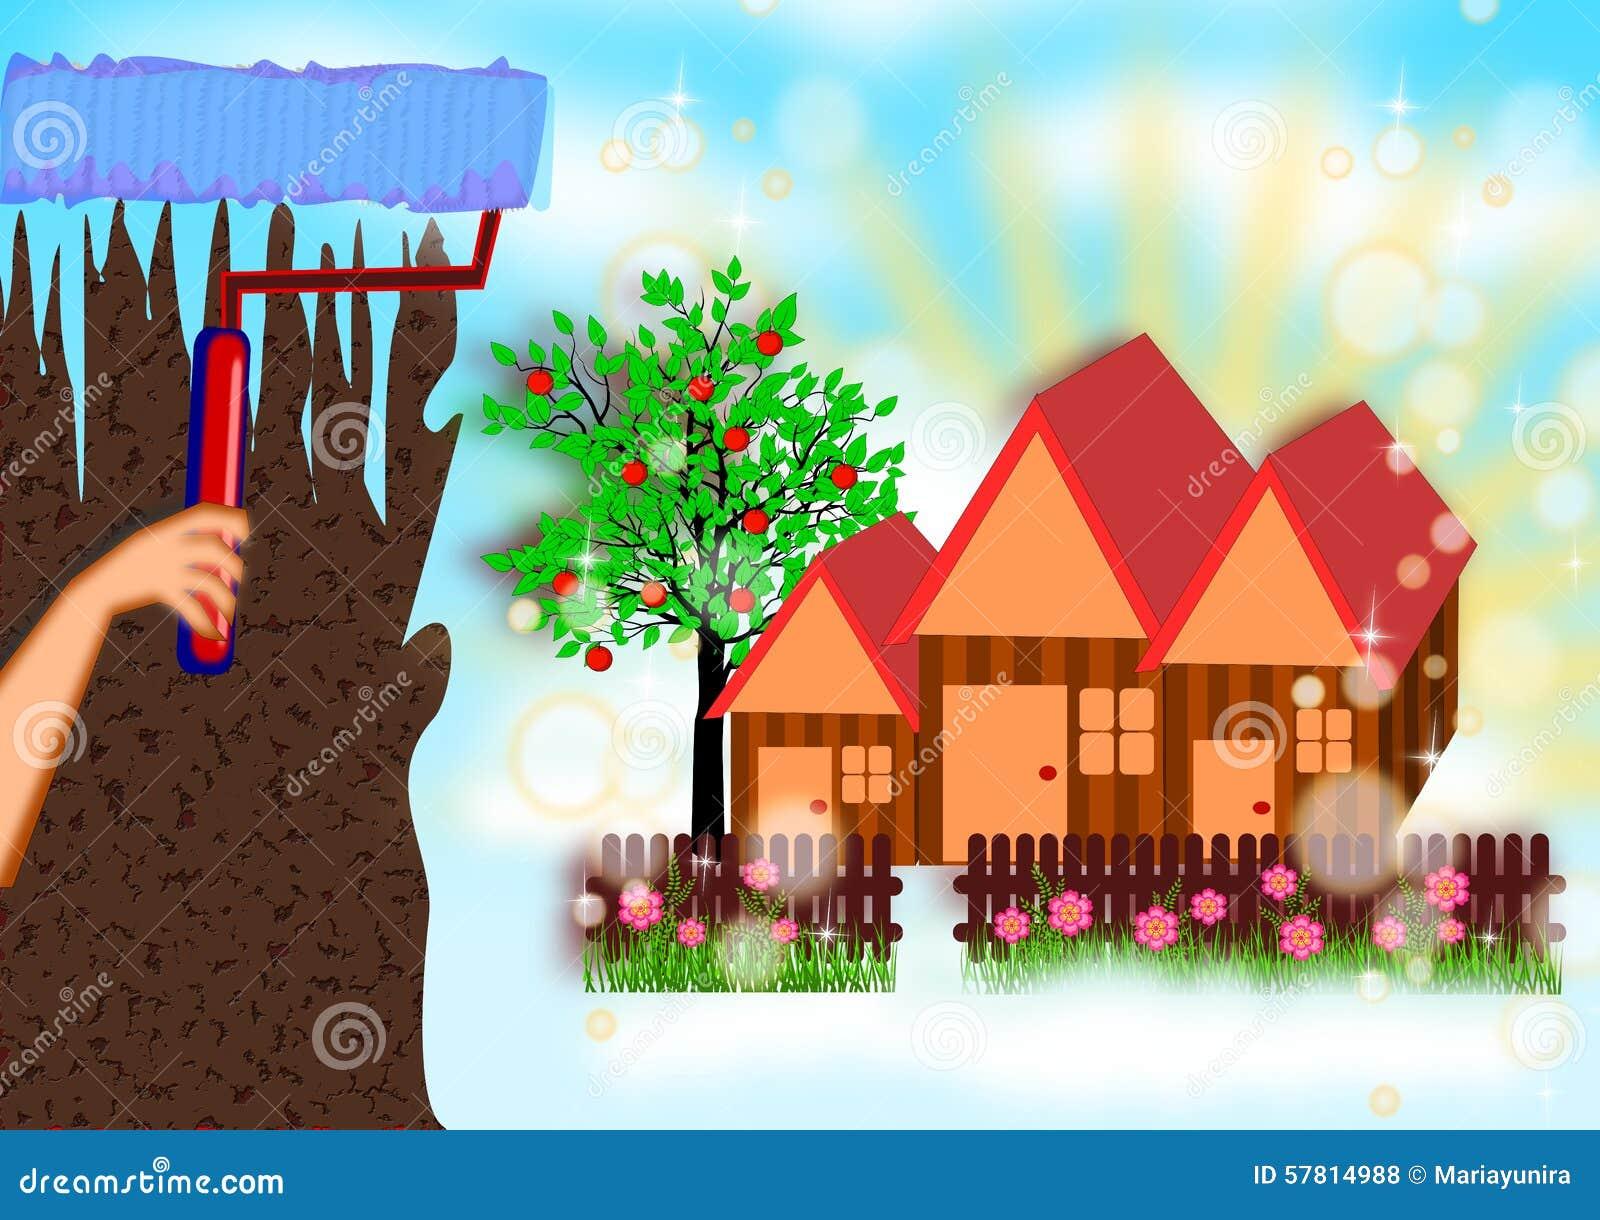 Peinture de la nouvelle maison r veuse illustration stock image 57814988 for Peinture de la maison